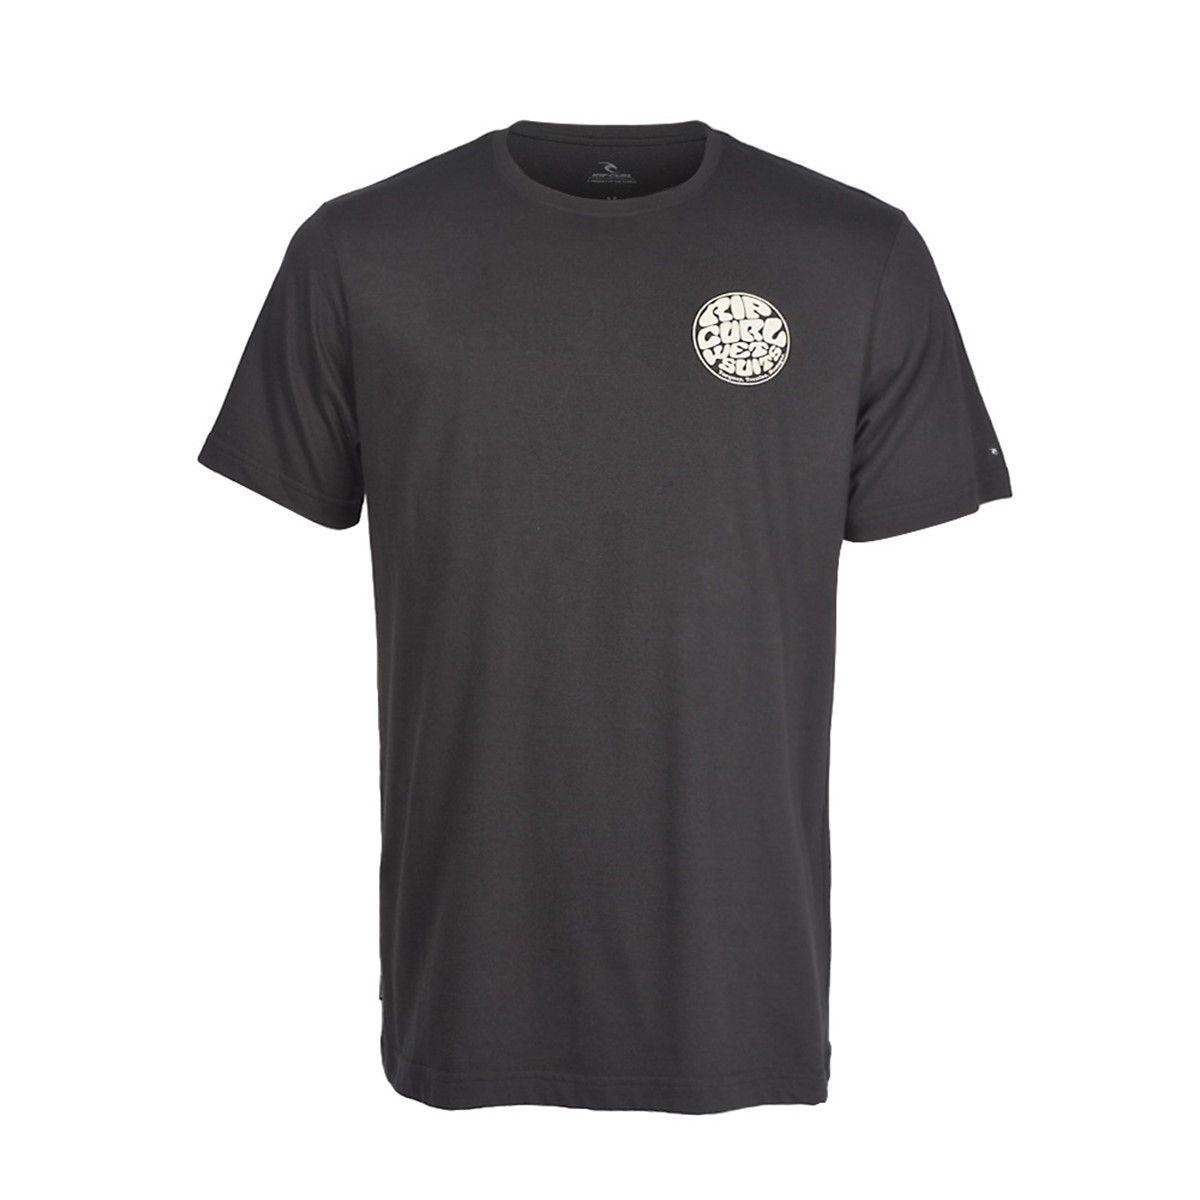 Camiseta Rip Curl Wettie Land Black